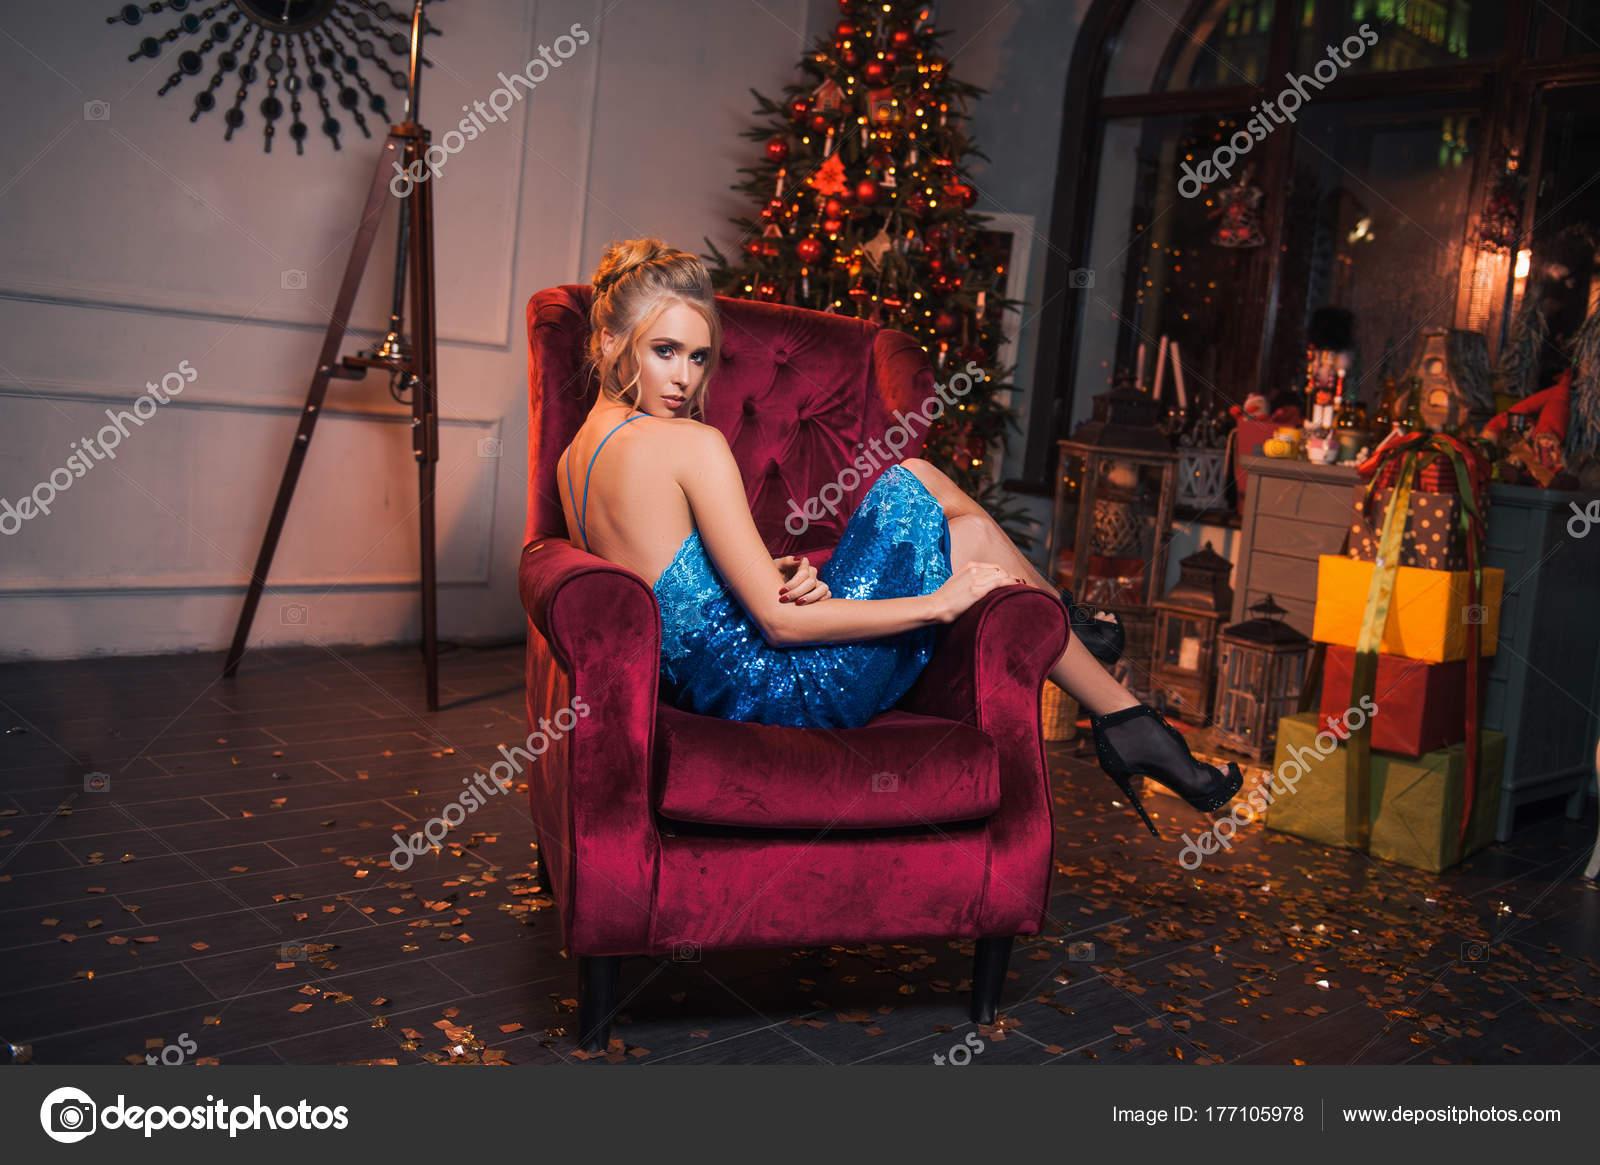 Schöne sexy Frau in dem roten Stuhl sitzen. Blonde Glamour-Girl in ...